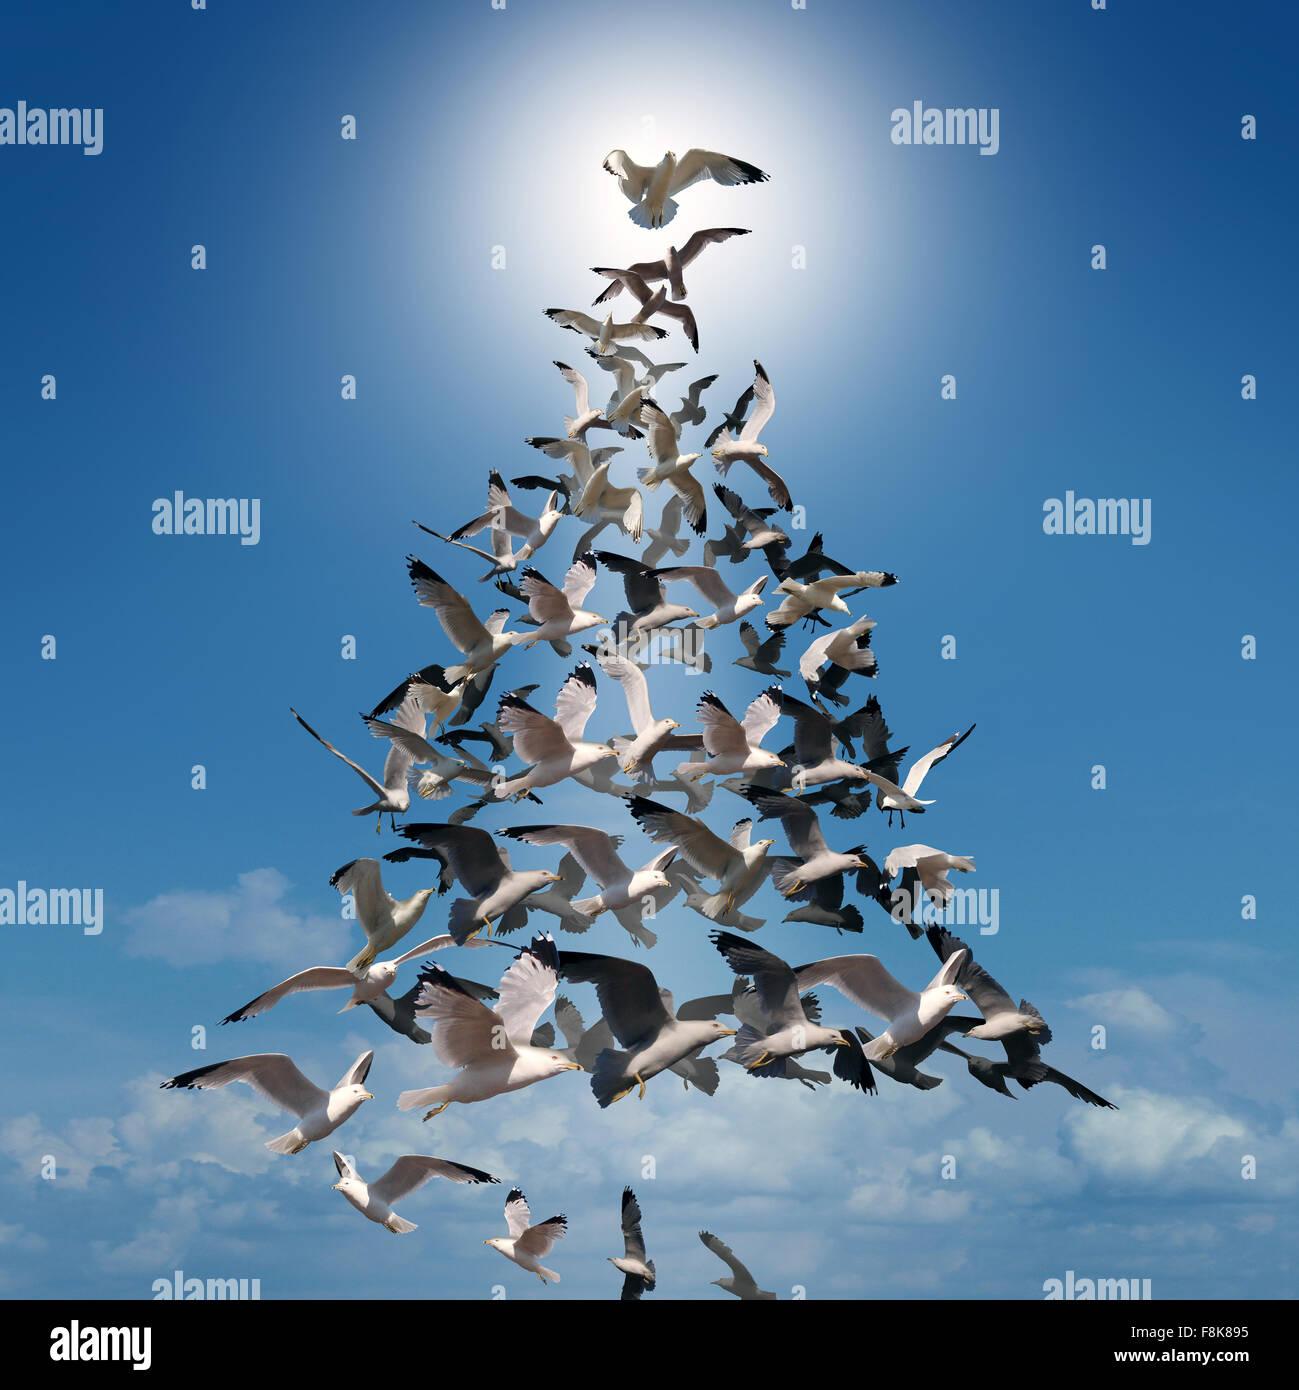 Maison de vacances concept spirituel de l'arbre de l'espoir comme